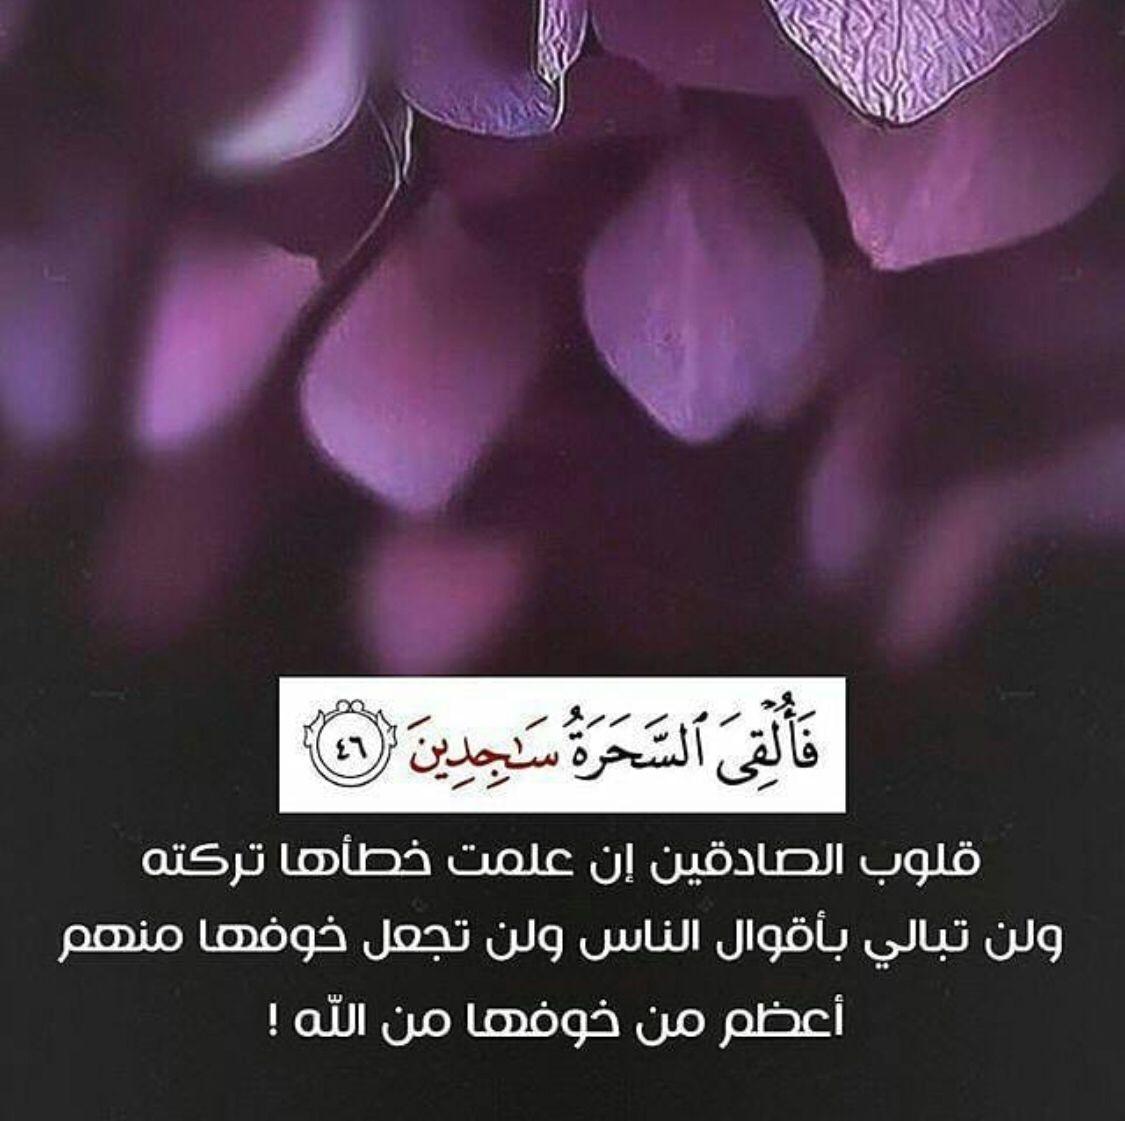 خواطر صباحية دينية Islamic Quotes Islam Quotes